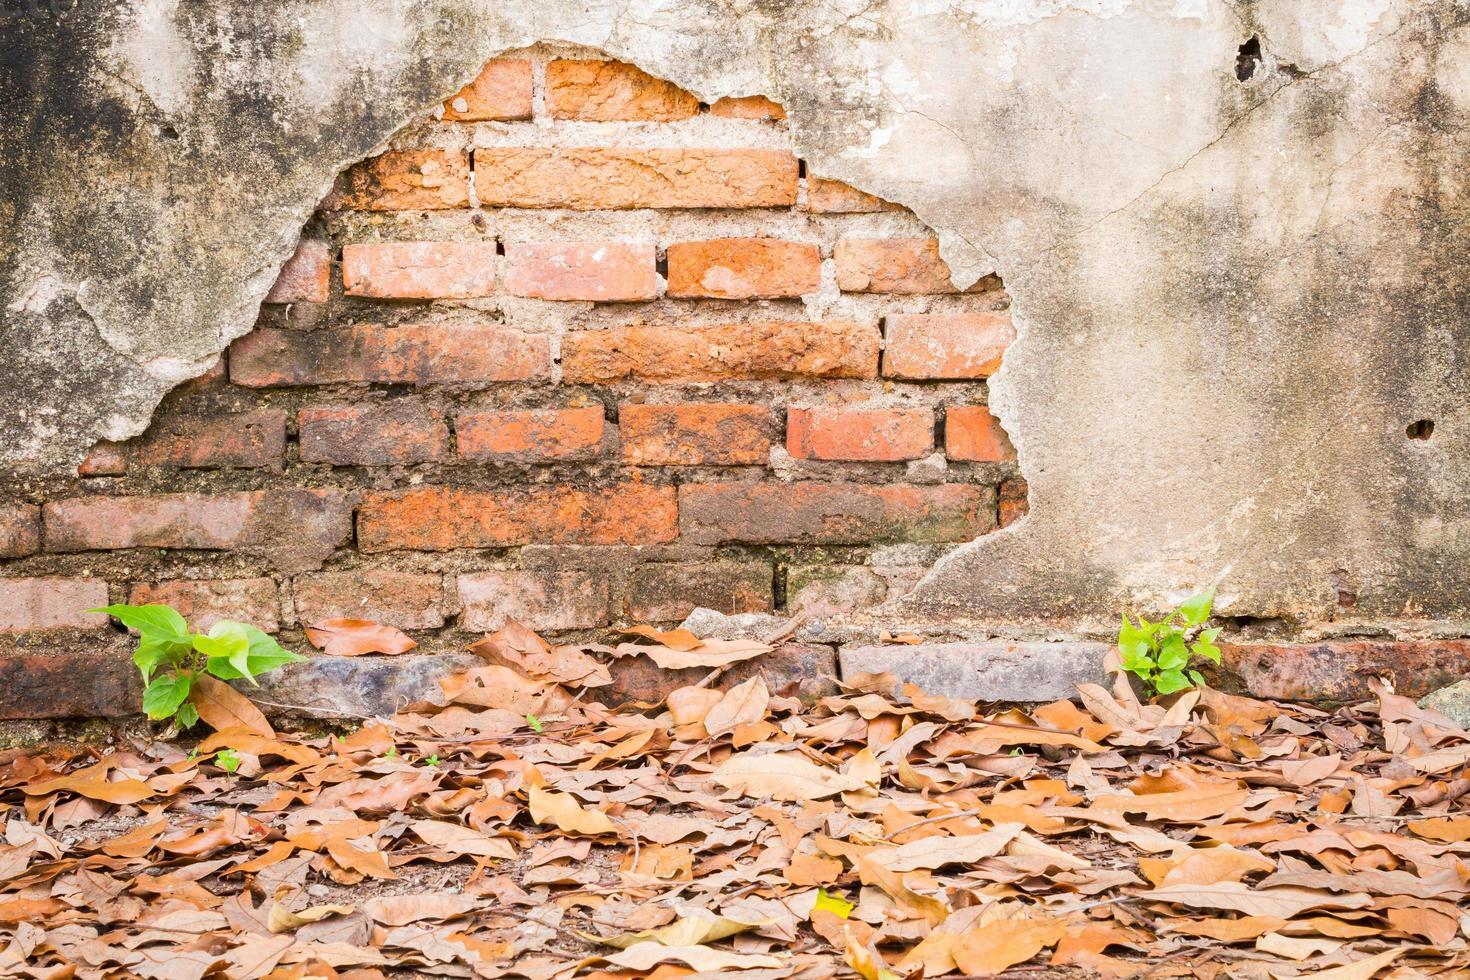 gebarsten beton vintage bakstenen oude muur achtergrond. foto